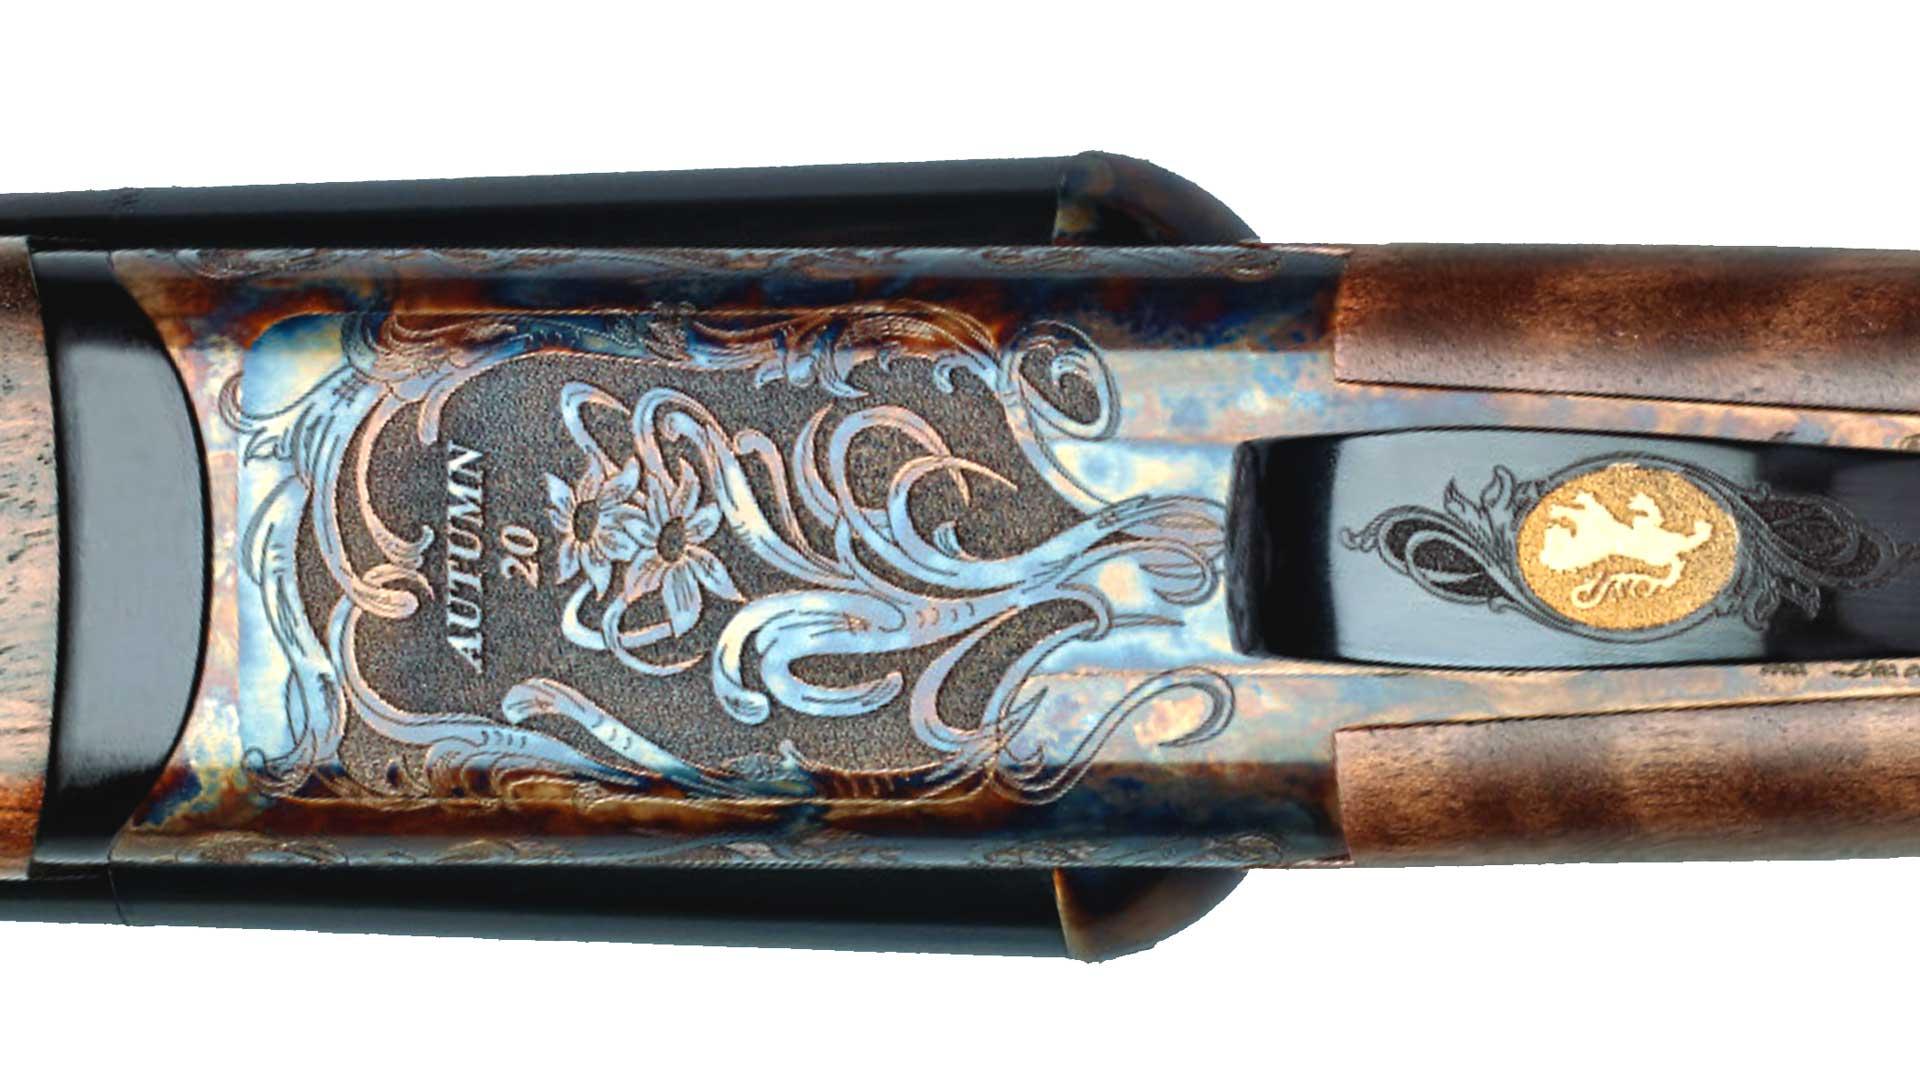 metal engraving gold emblem scrolls flowers gun receiver shotgun